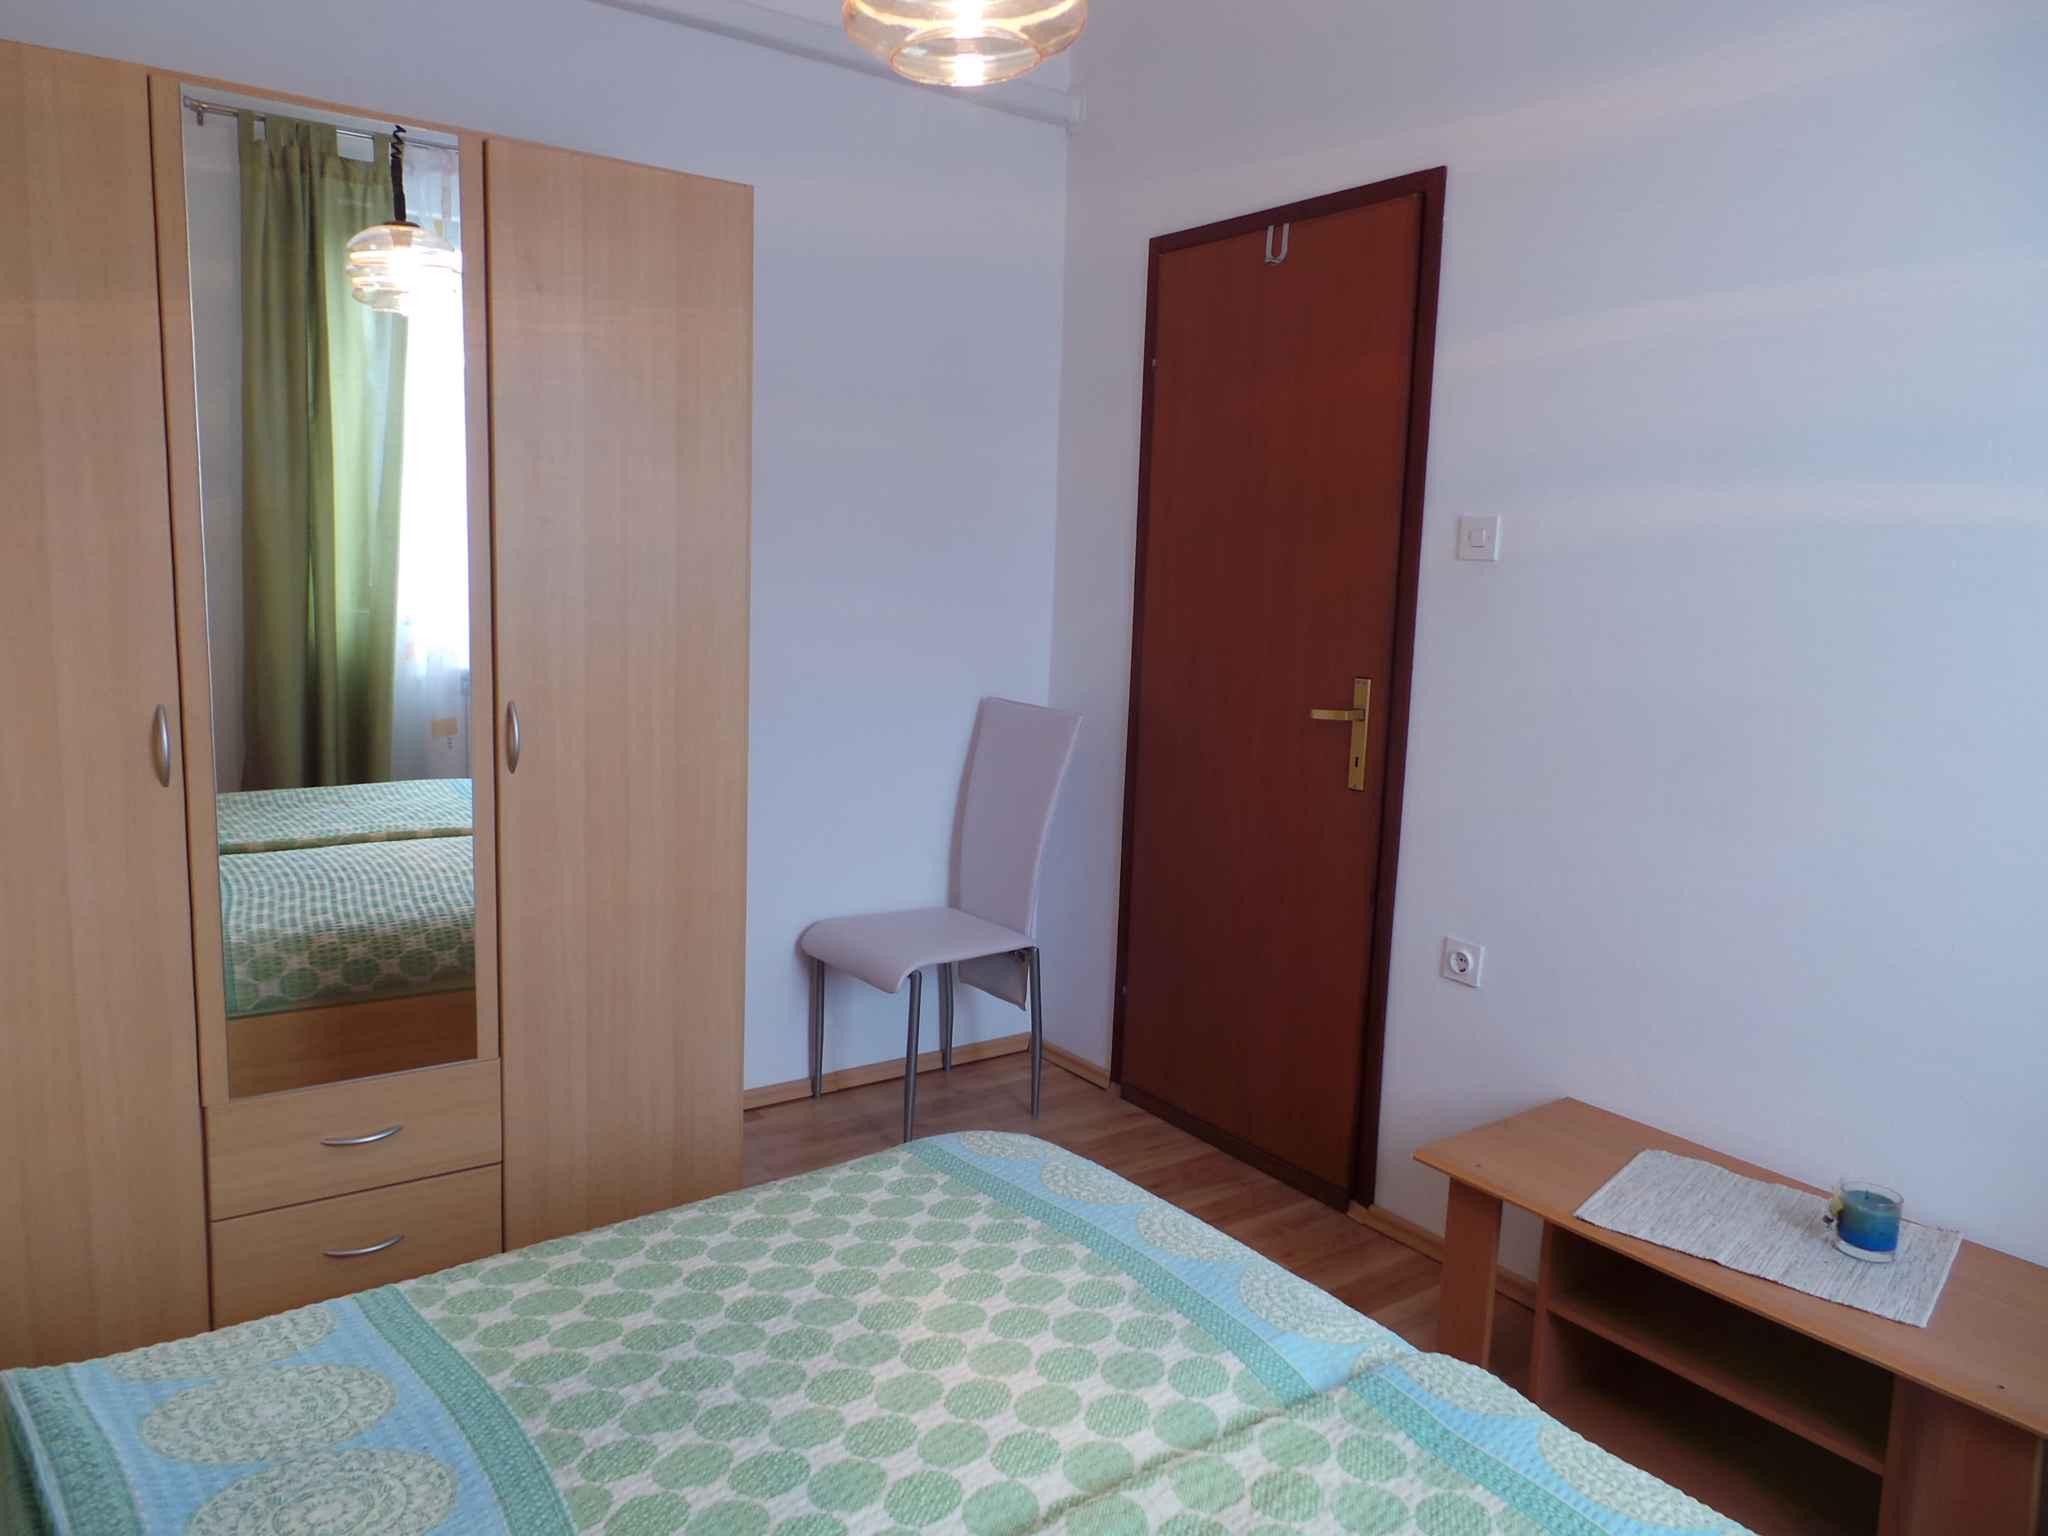 Ferienwohnung s balkonom (280342), Porec, , Istrien, Kroatien, Bild 22